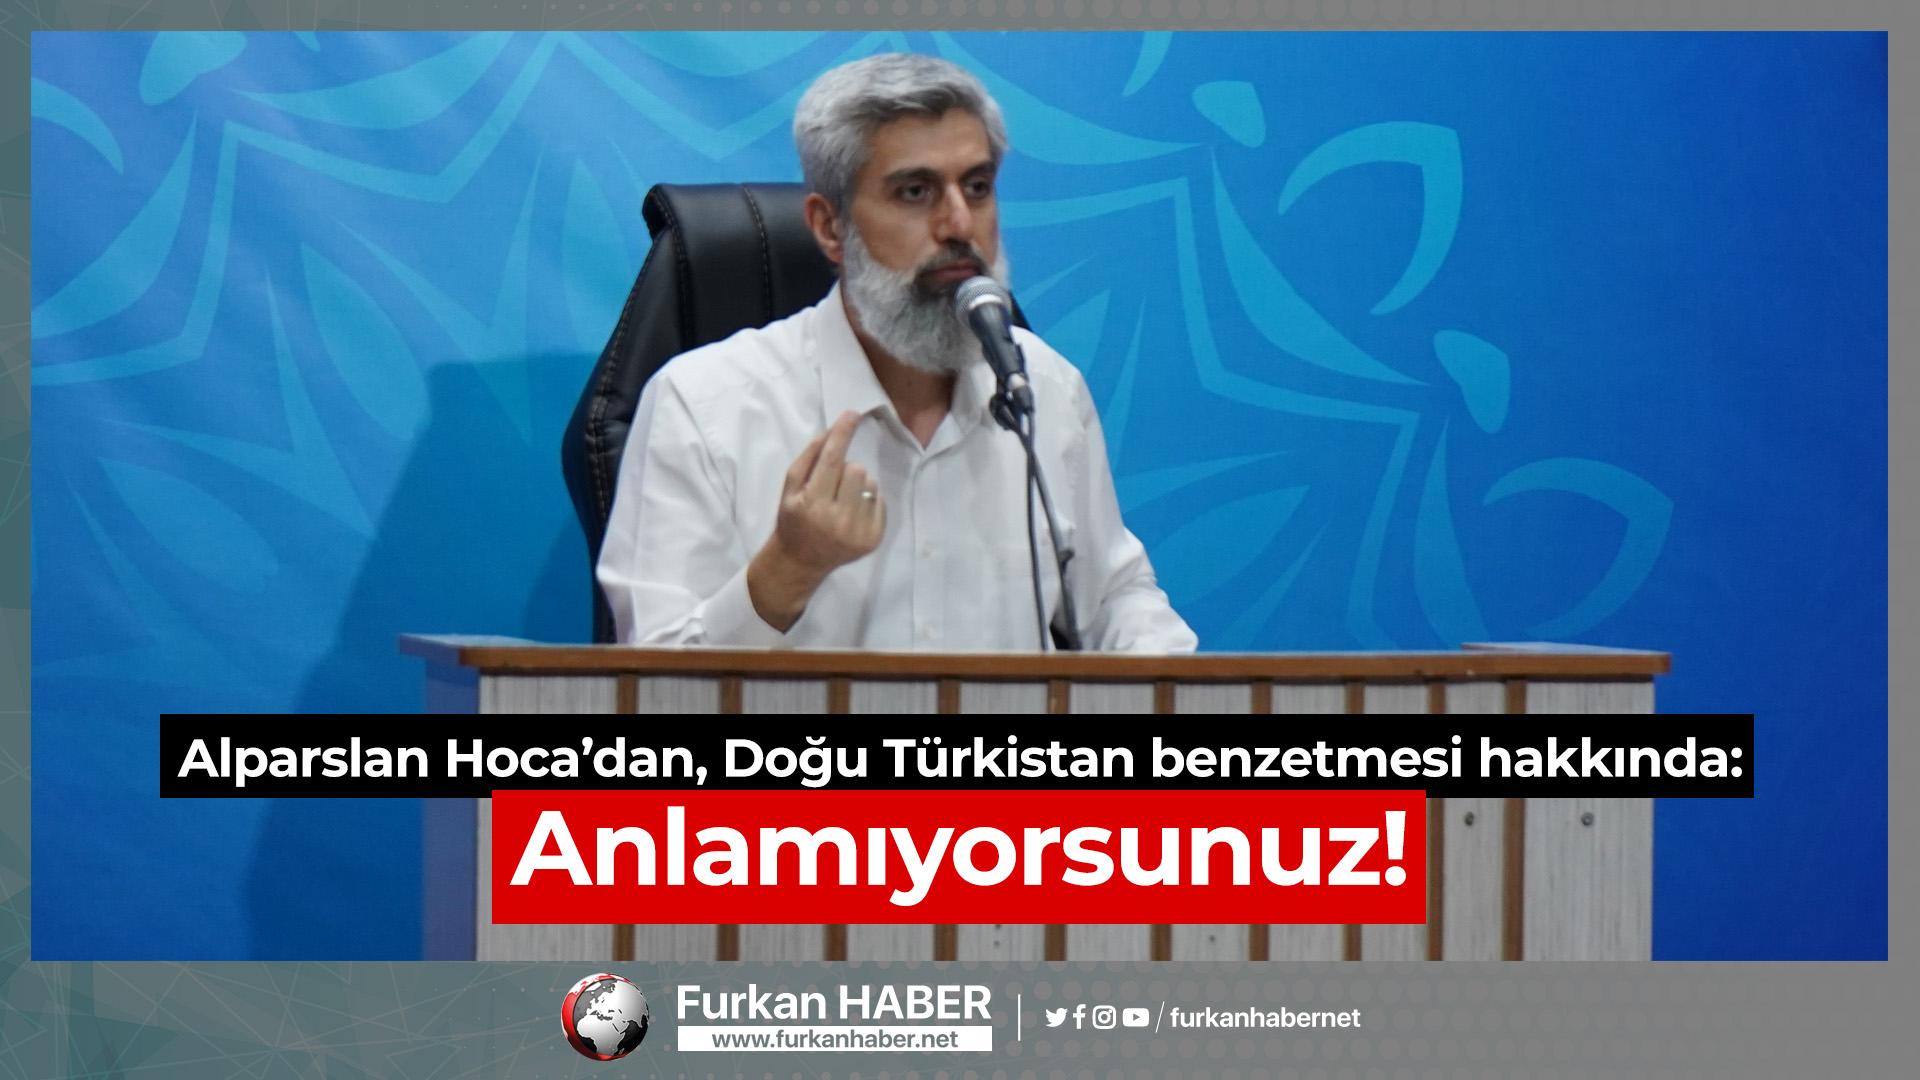 Alparslan Hoca'dan, Doğu Türkistan benzetmesi hakkında: Anlamıyorsunuz!